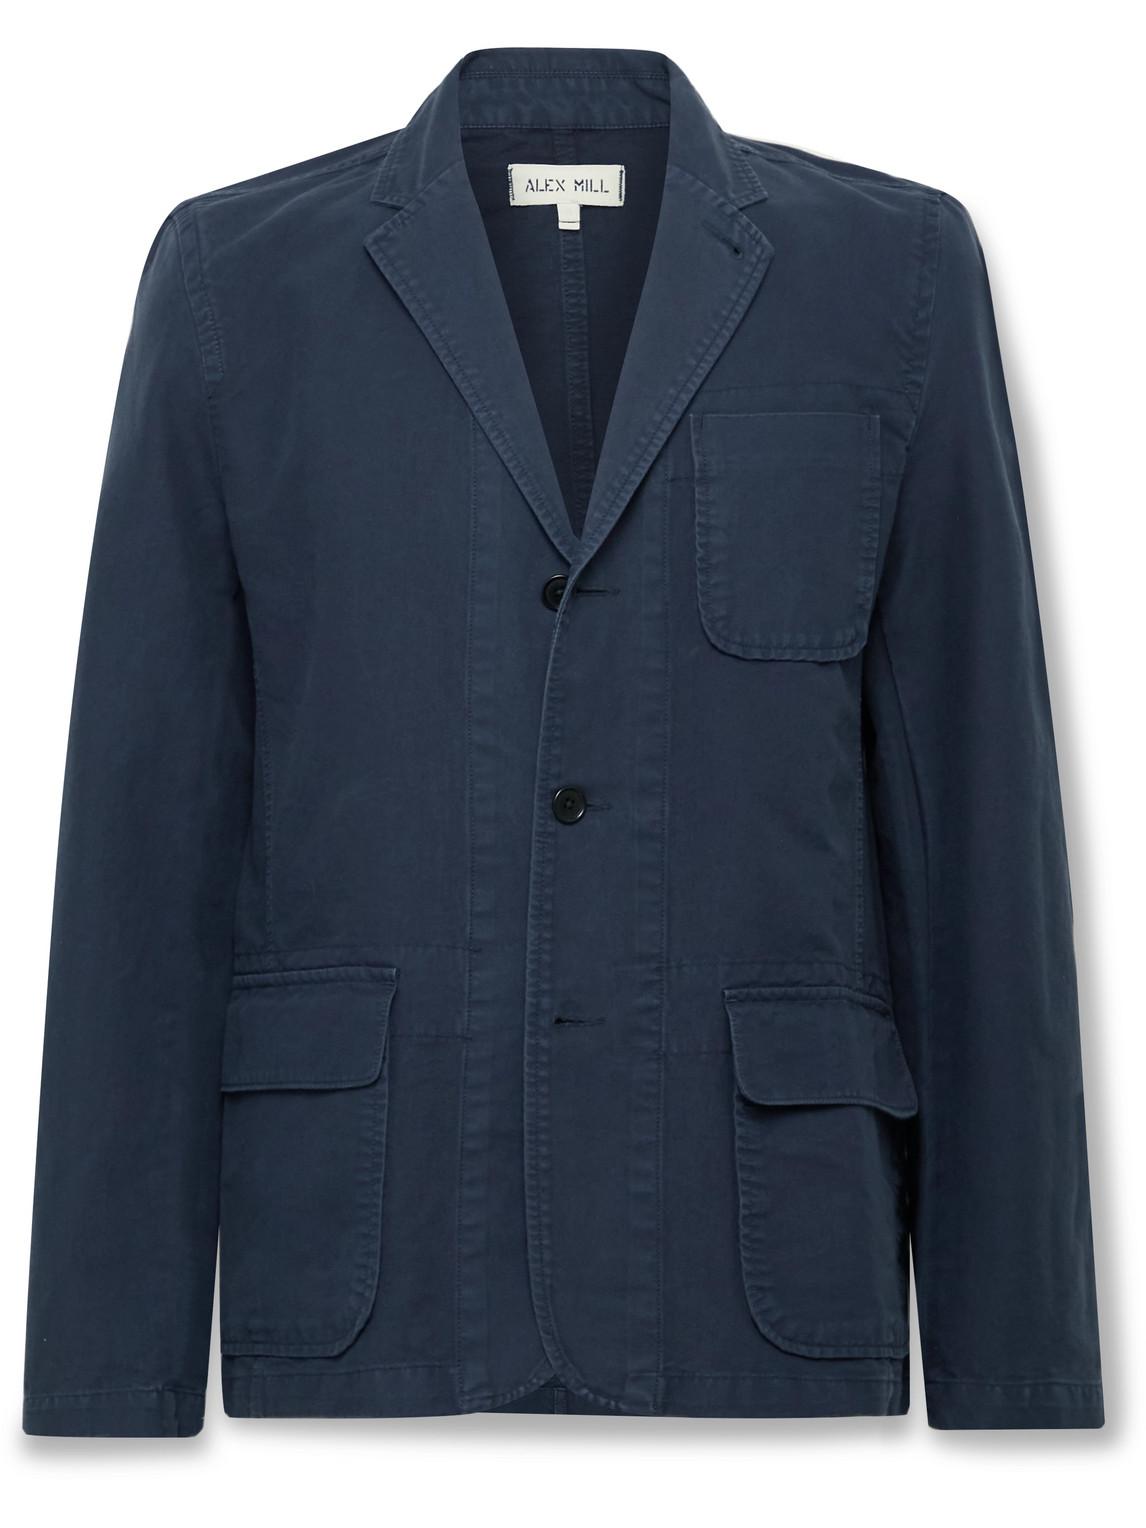 Alex Mill Mill Unstructured Bci Cotton-twill Blazer In Navy